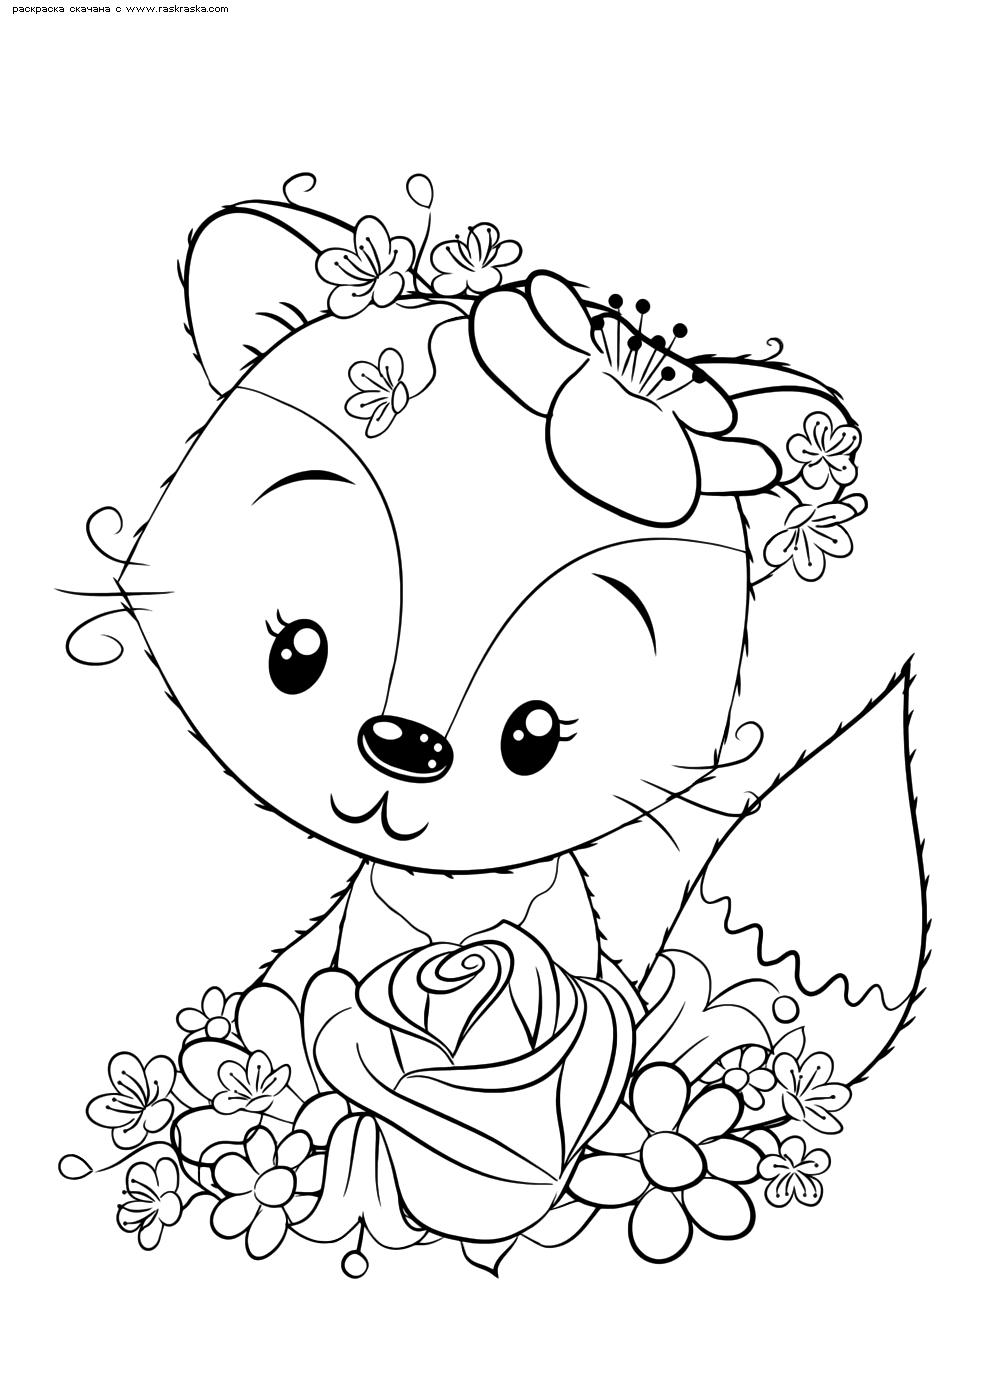 Раскраска Лисичка | Раскраски няшных животных. Милые ...